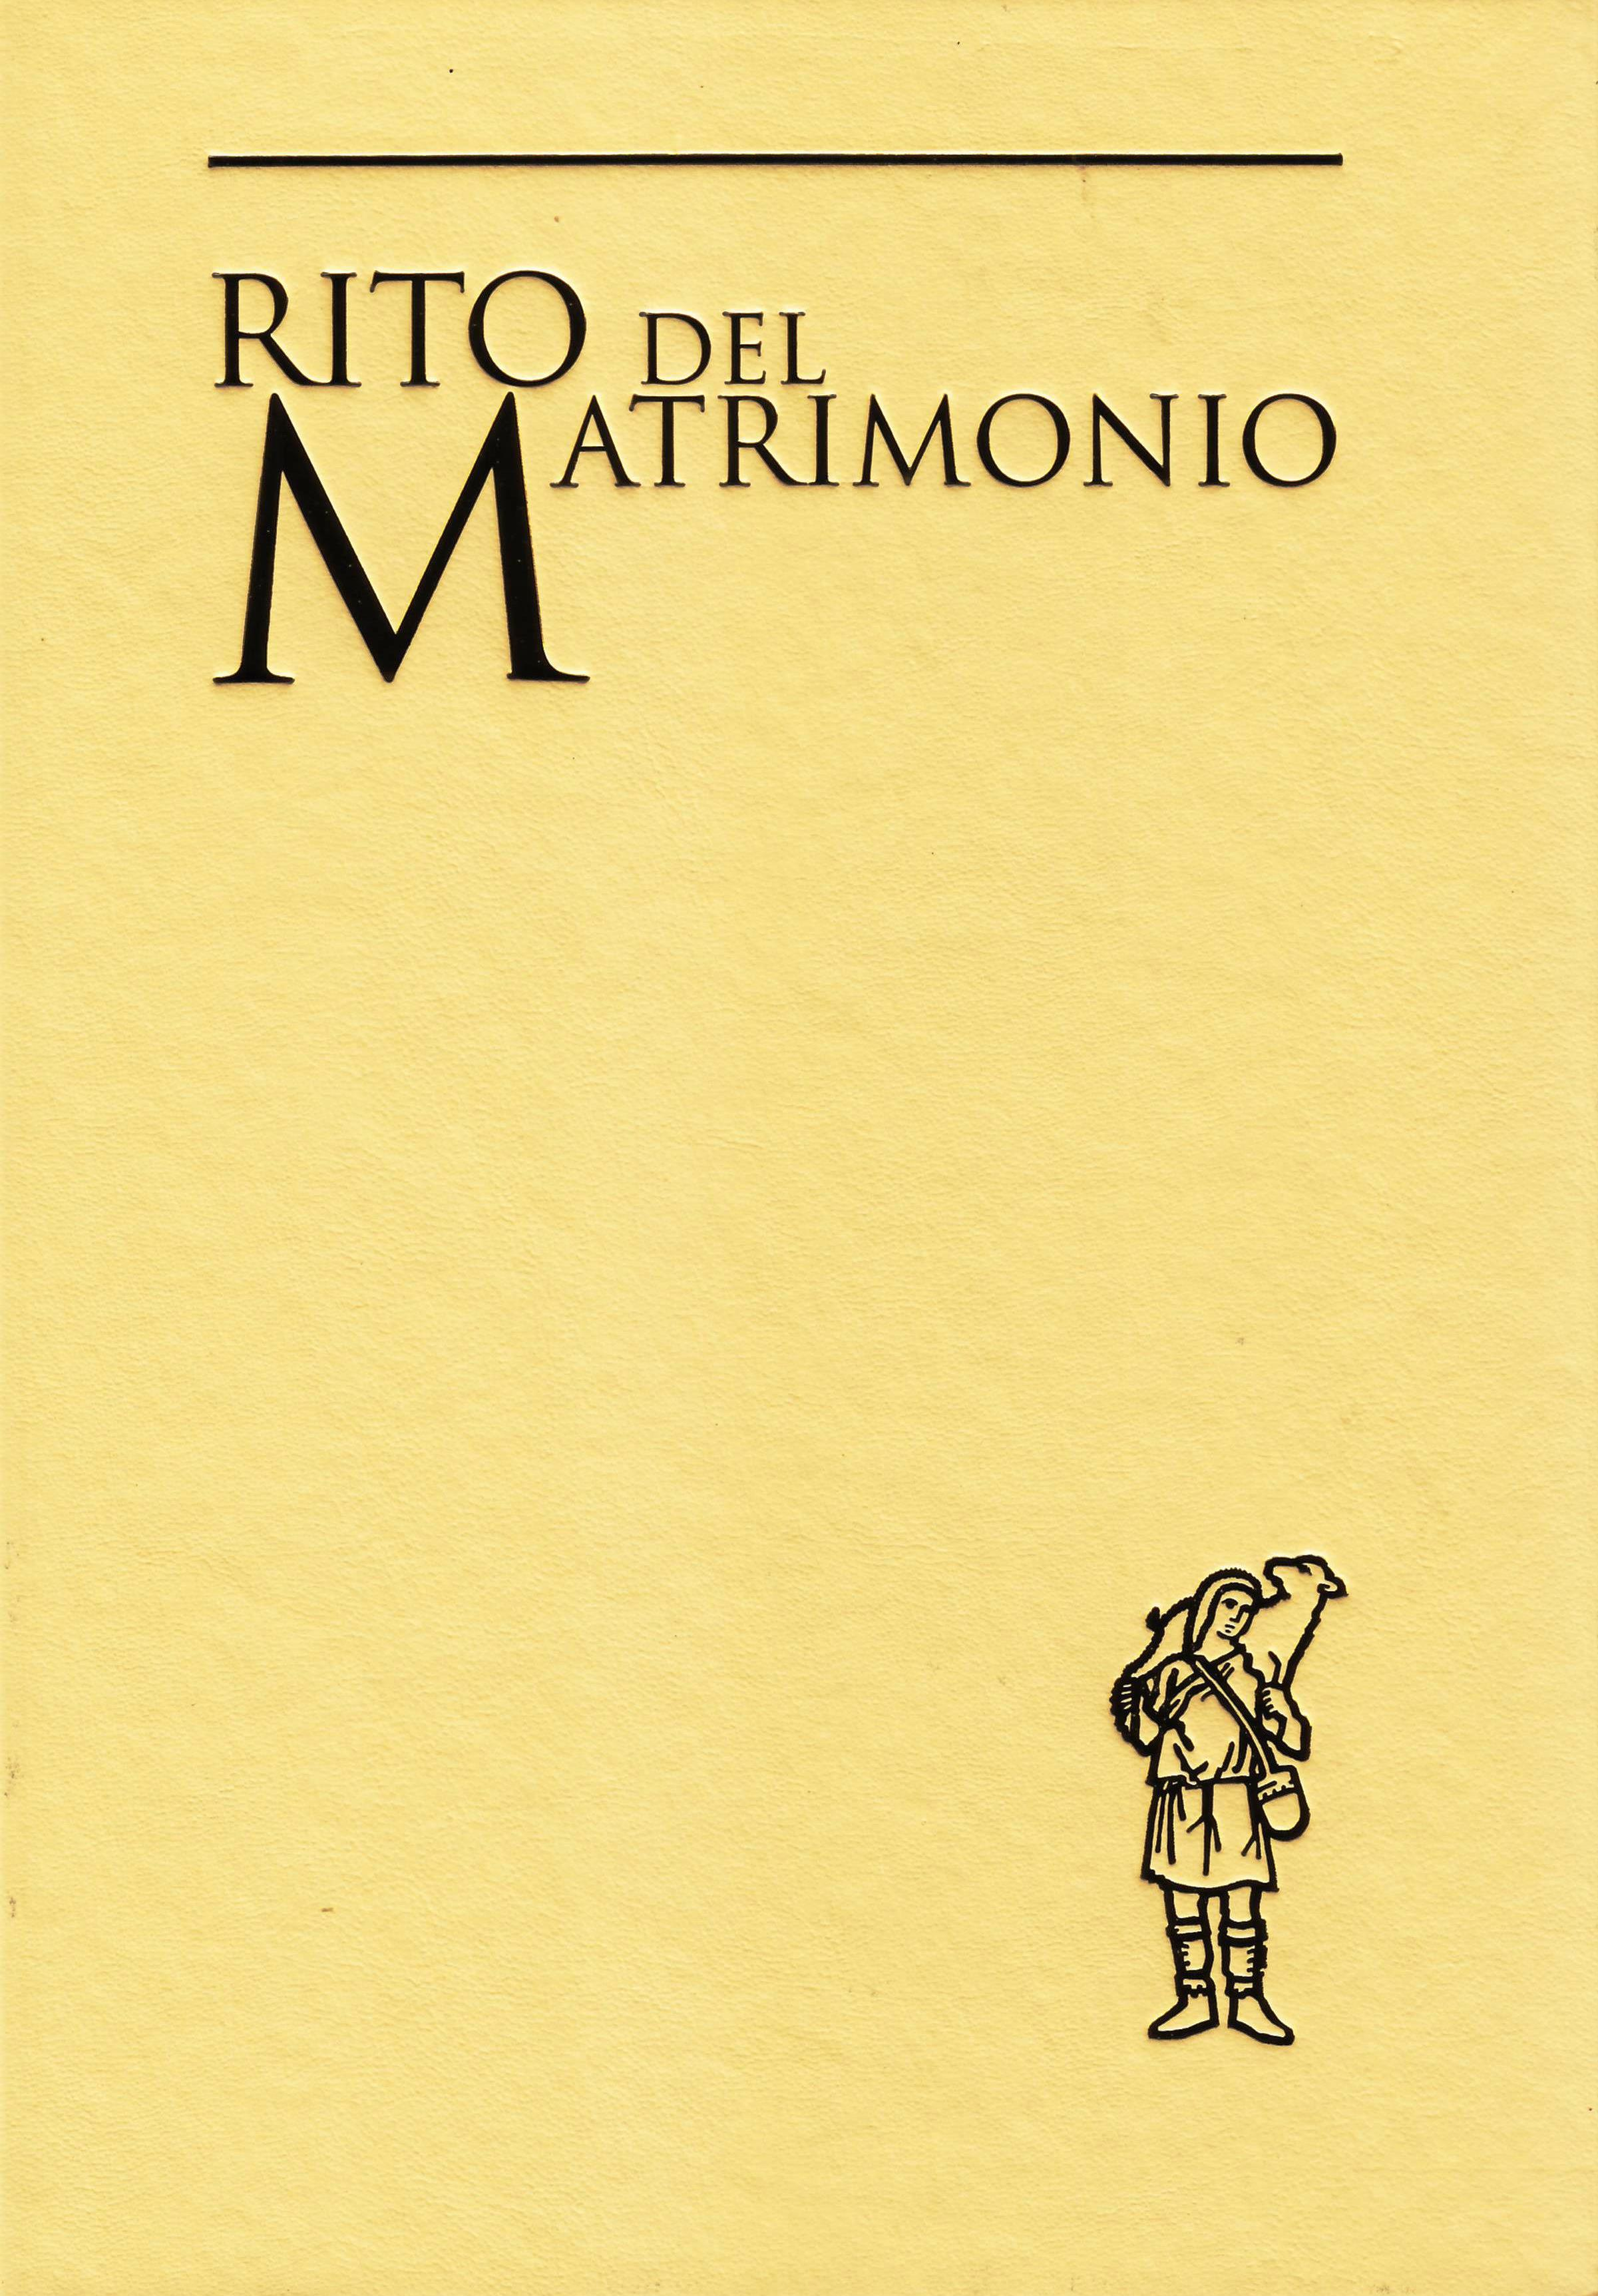 Rito Matrimonio Romano Antico : File rituale romano rito del matrimonio g wikipedia